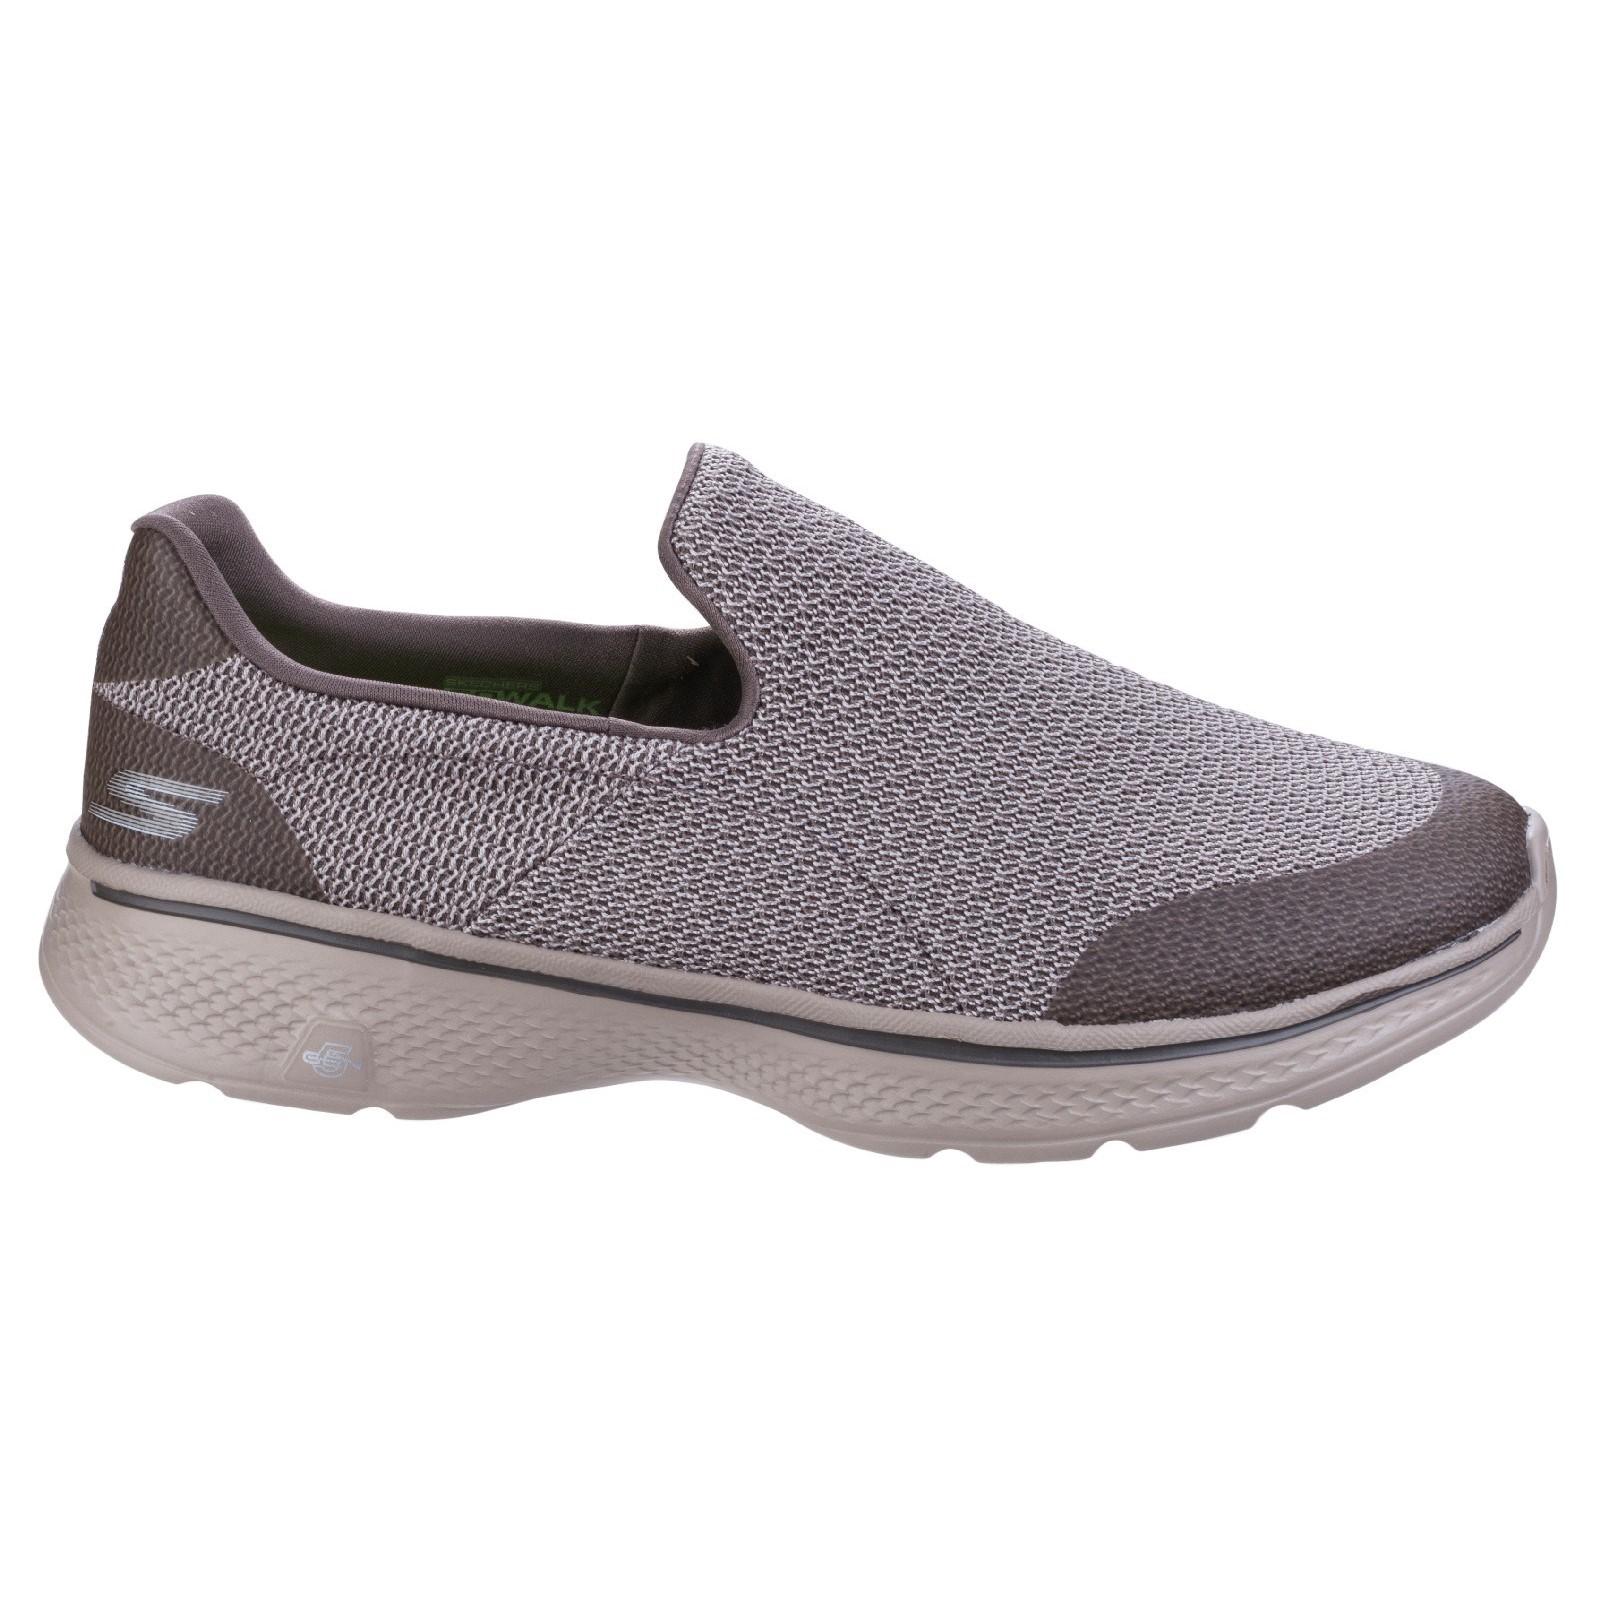 Skechers Go Walk 4 Schuhe Expert Herren Halbschuhe Turnschuhe Schuhe 4 Sport Slipper 2955e1